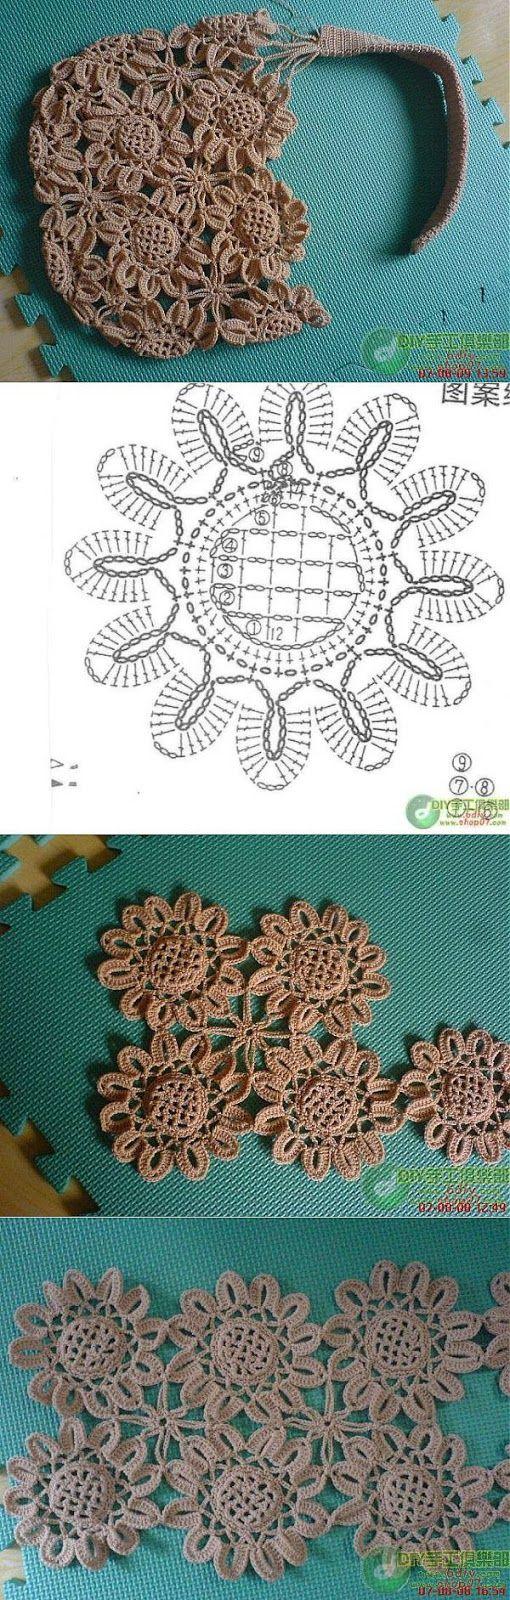 Luty Artes Crochet: bolsas